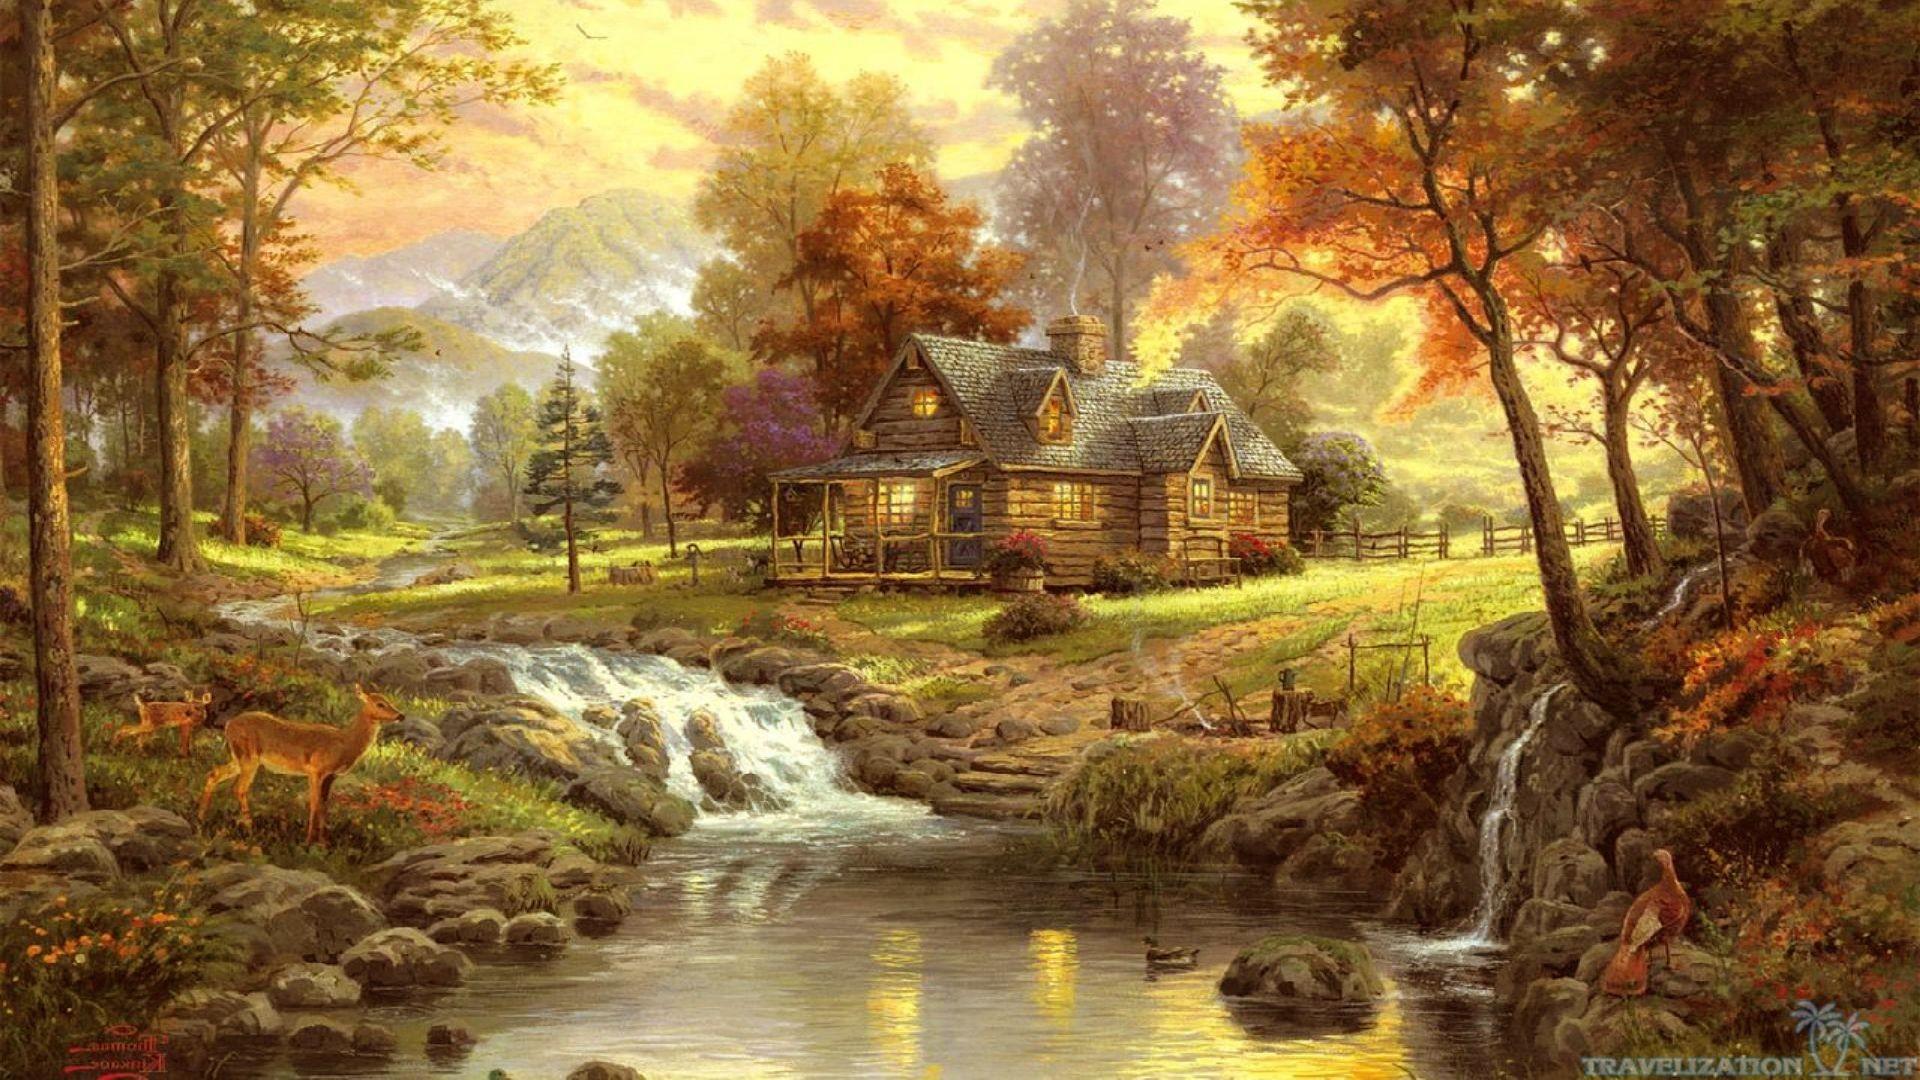 Desktop Wallpaper Autumn Scenes (41+ images)